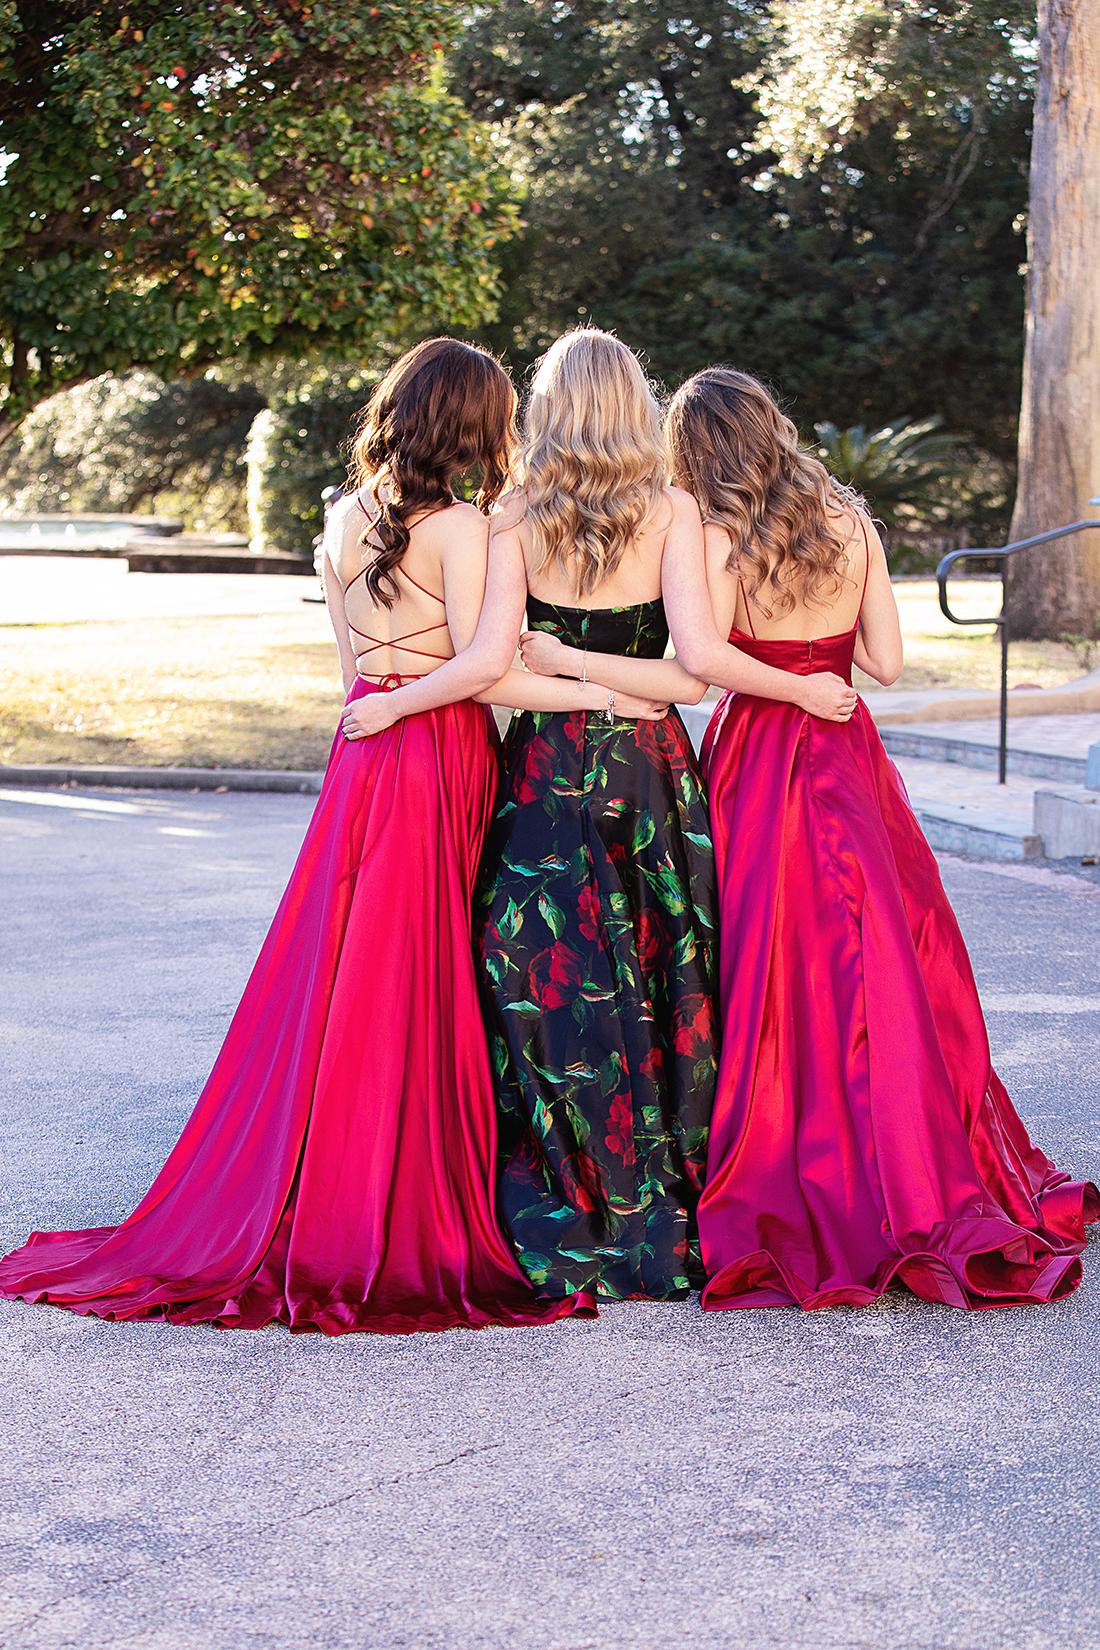 gautier dresses san antonio prom 0E3A4558.jpg